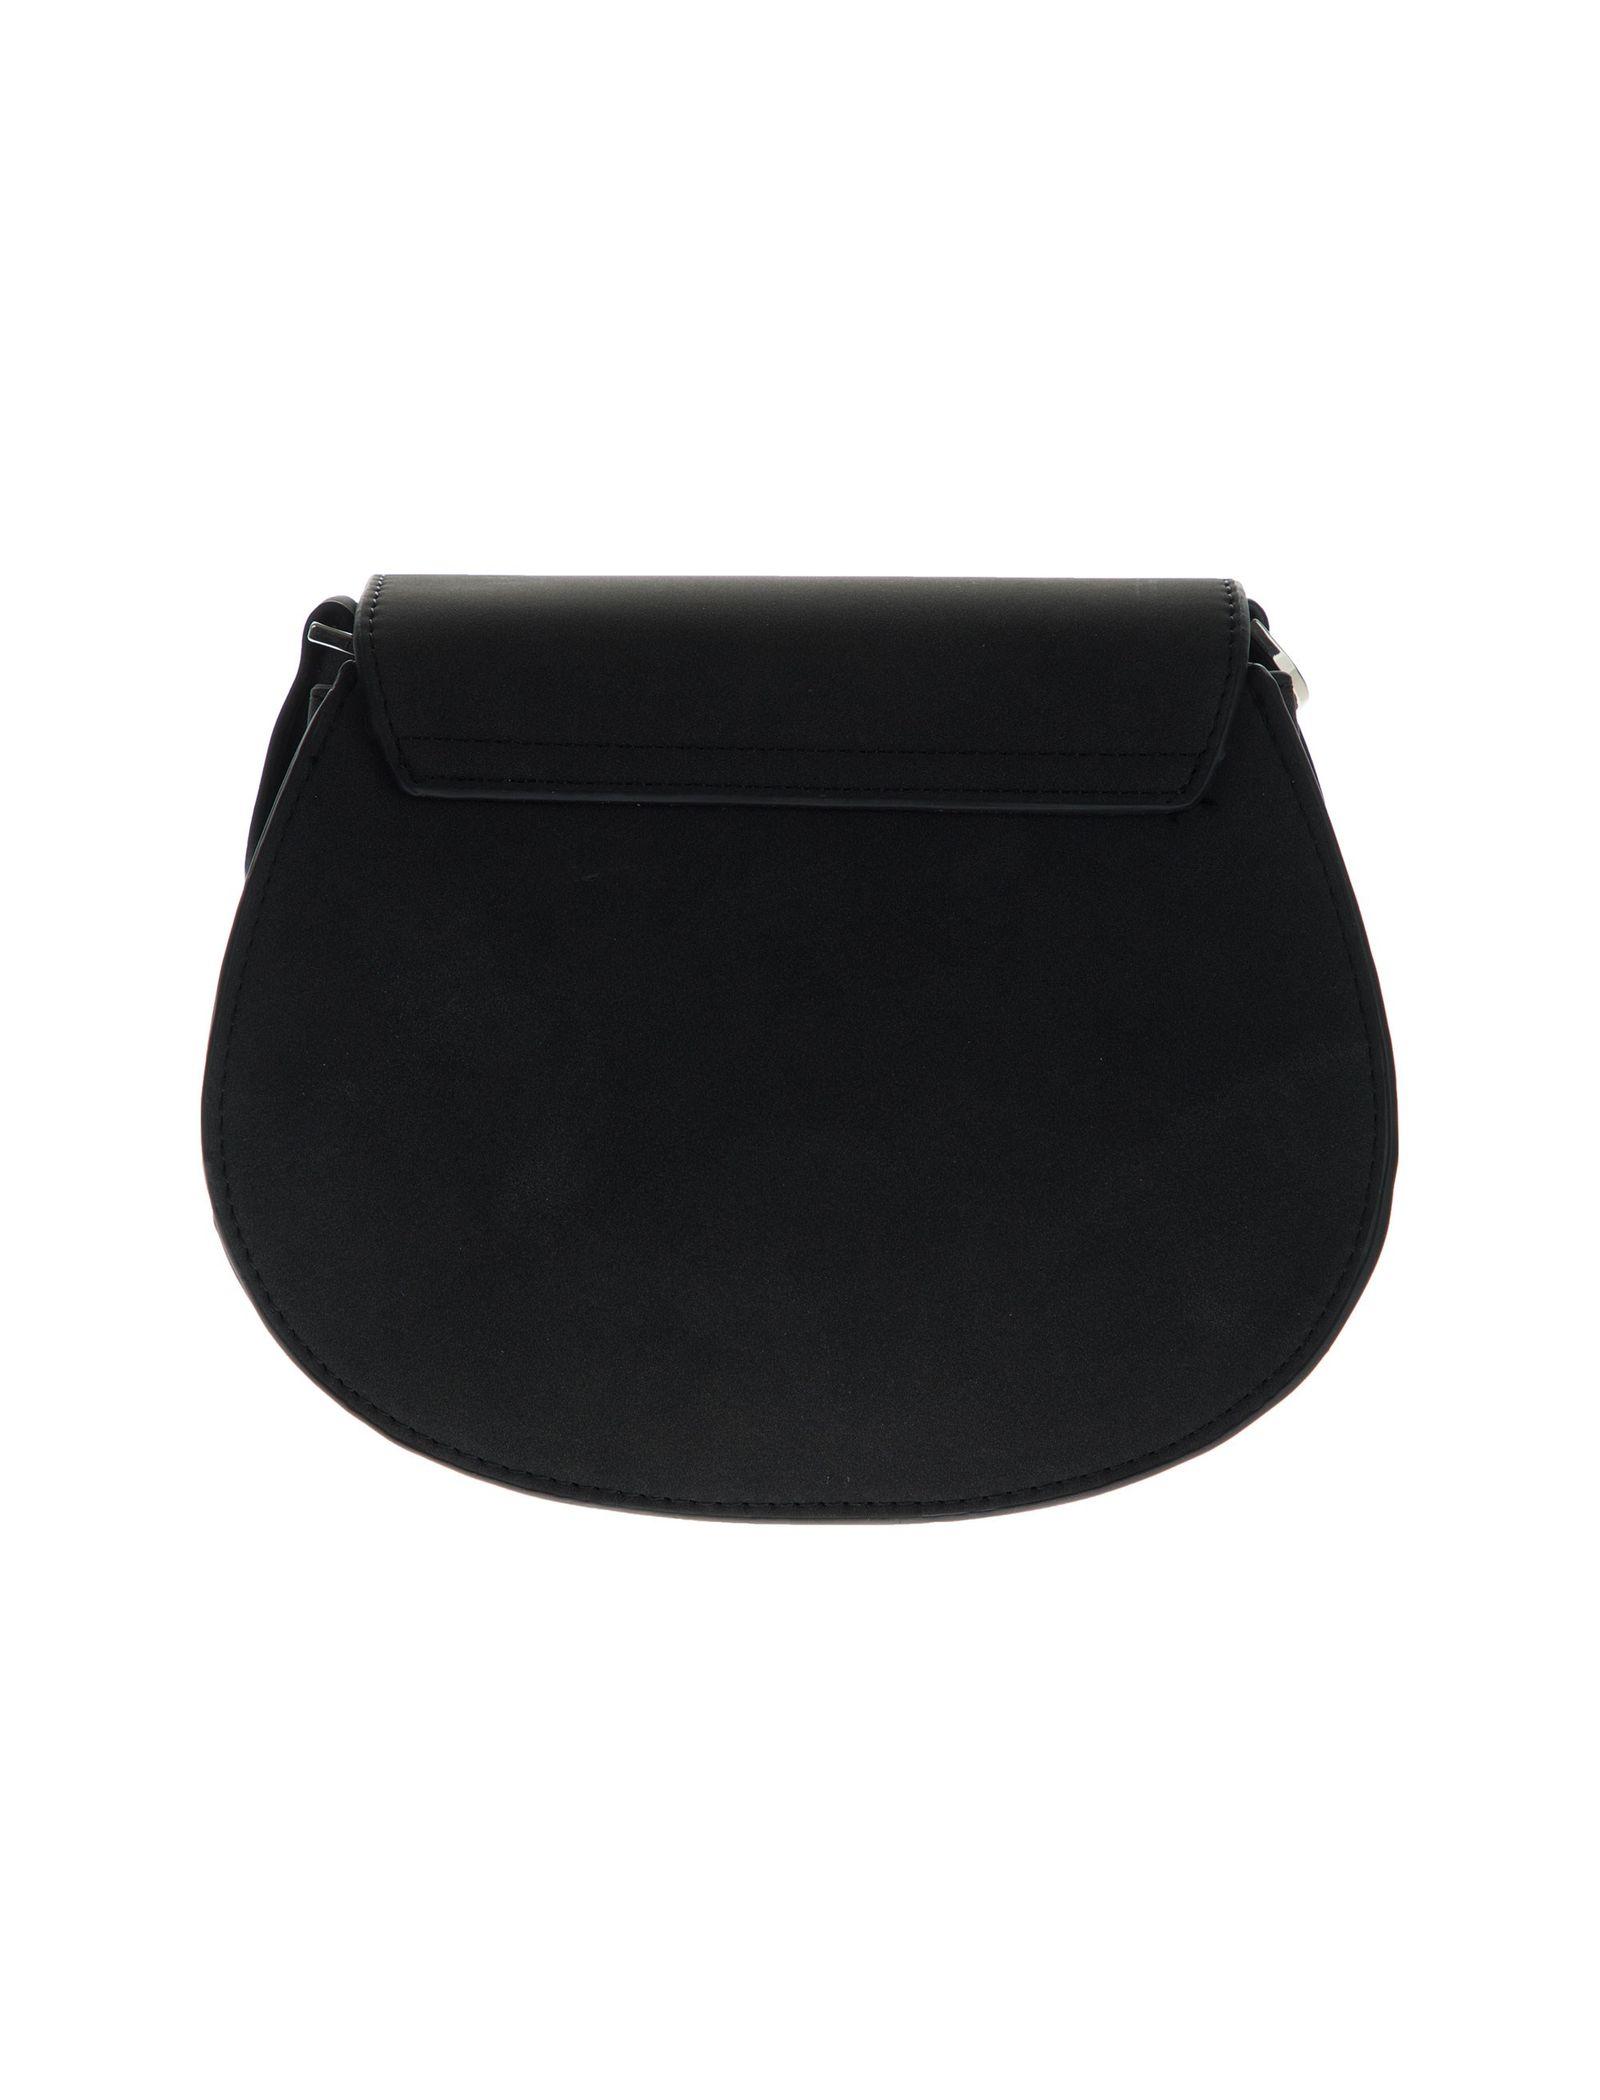 کیف دوشی روزمره زنانه - آبجکت تک سایز - مشکي - 7